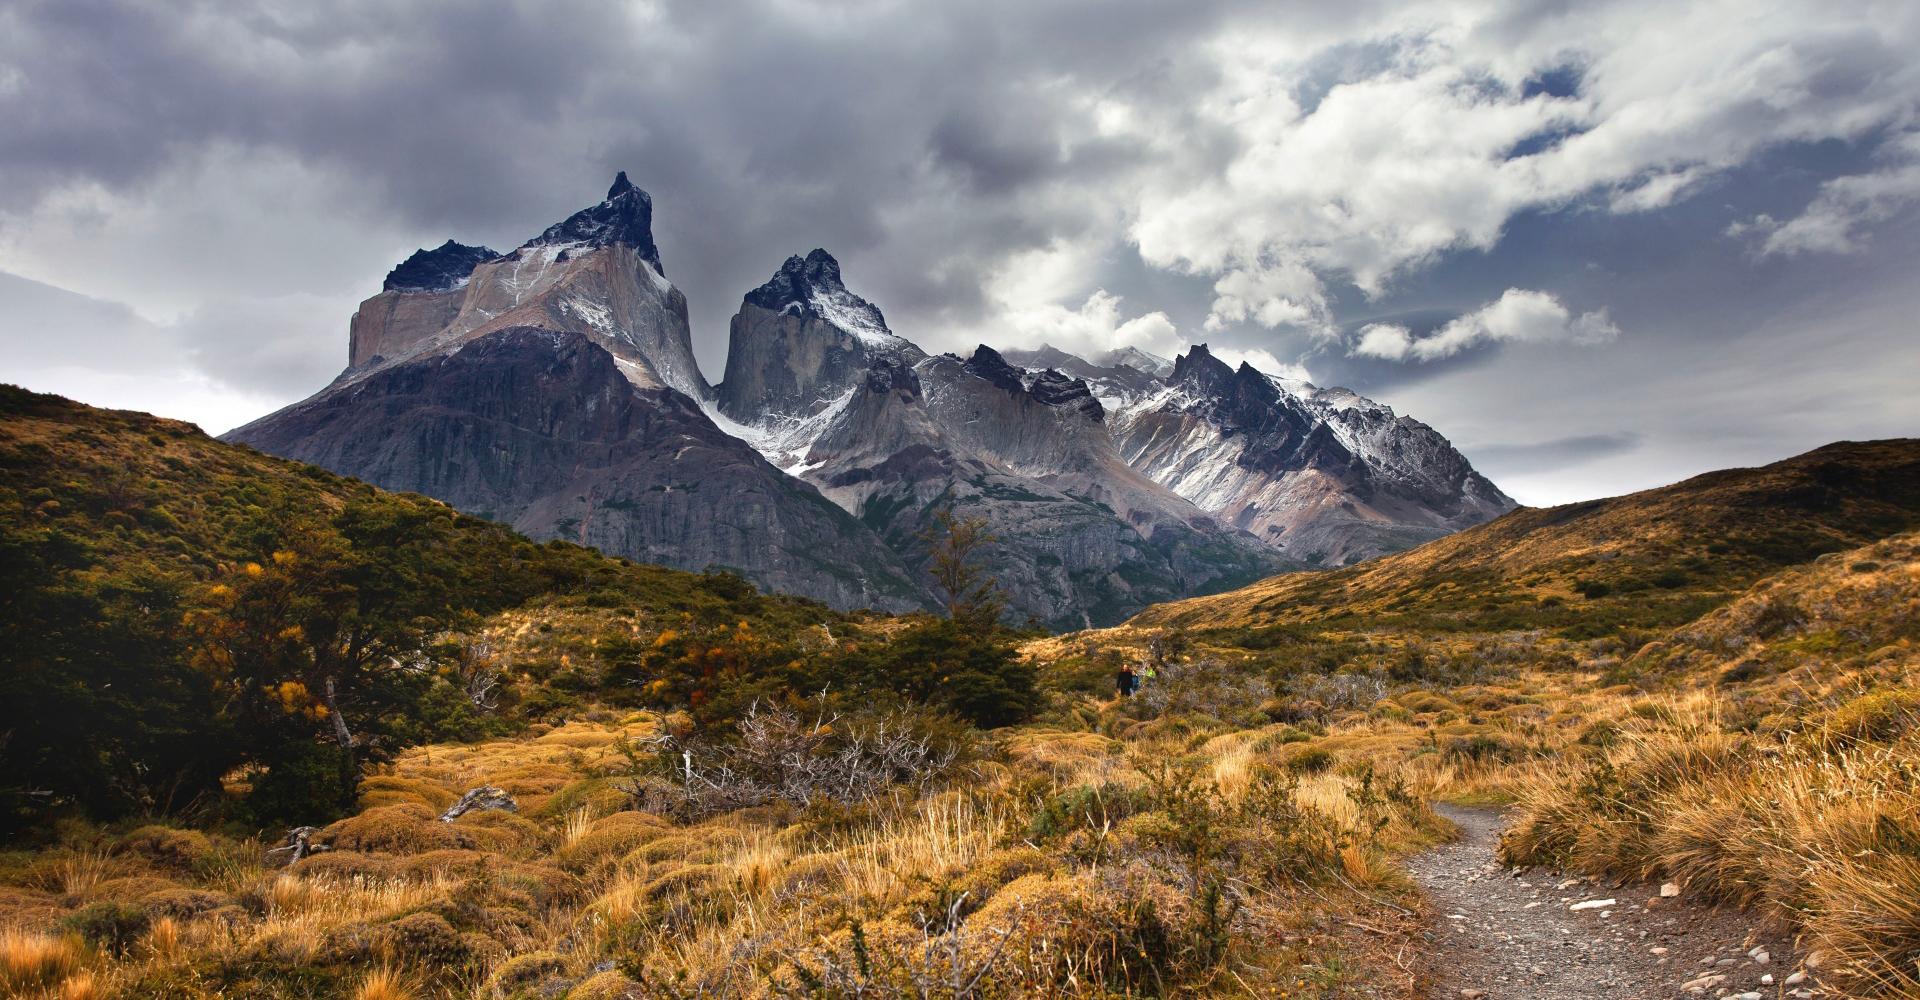 Cuernos de torres del paine En Chile